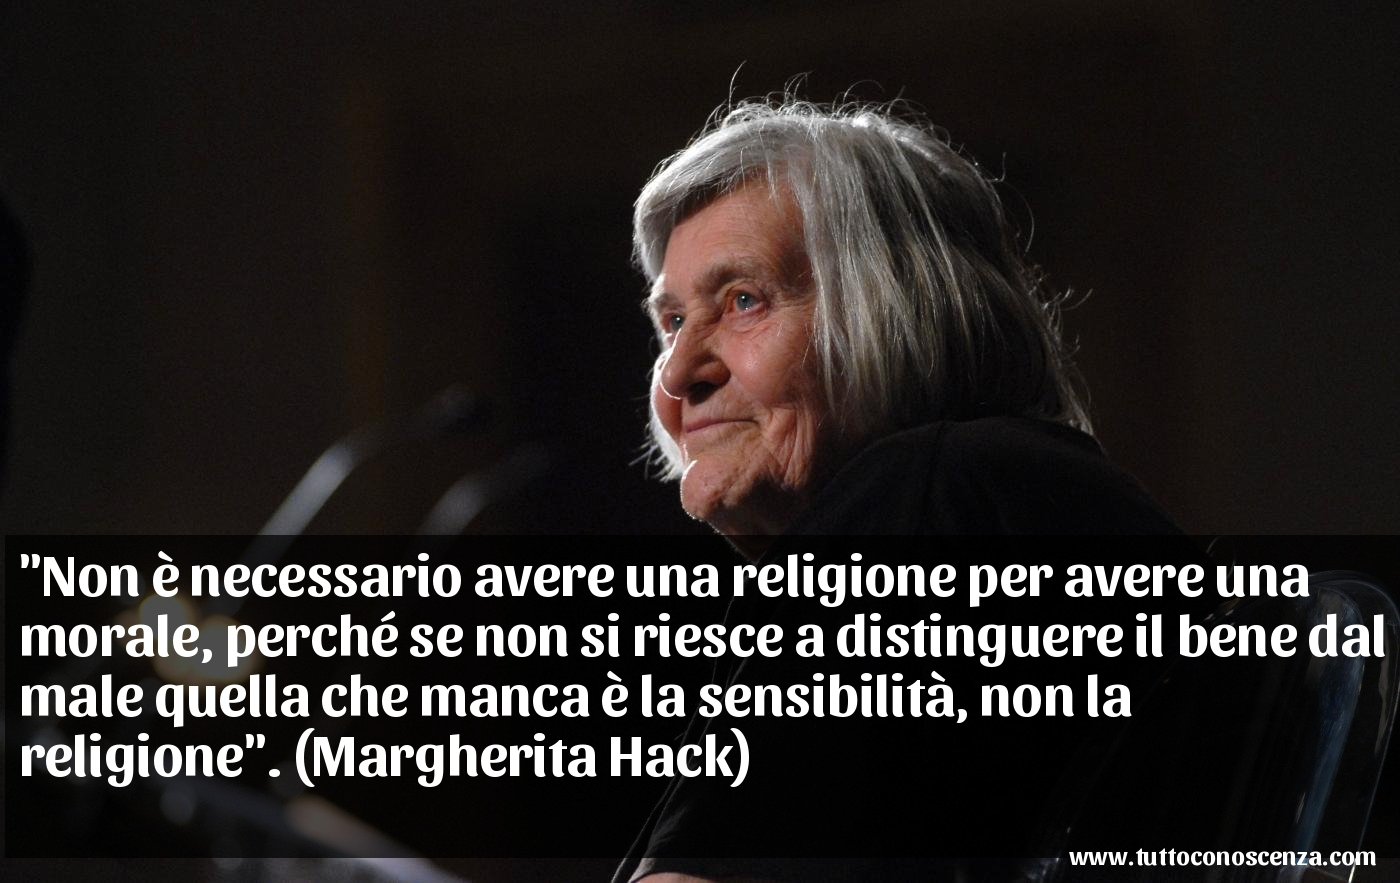 Frase di Margherita Hack sulla sensibilità